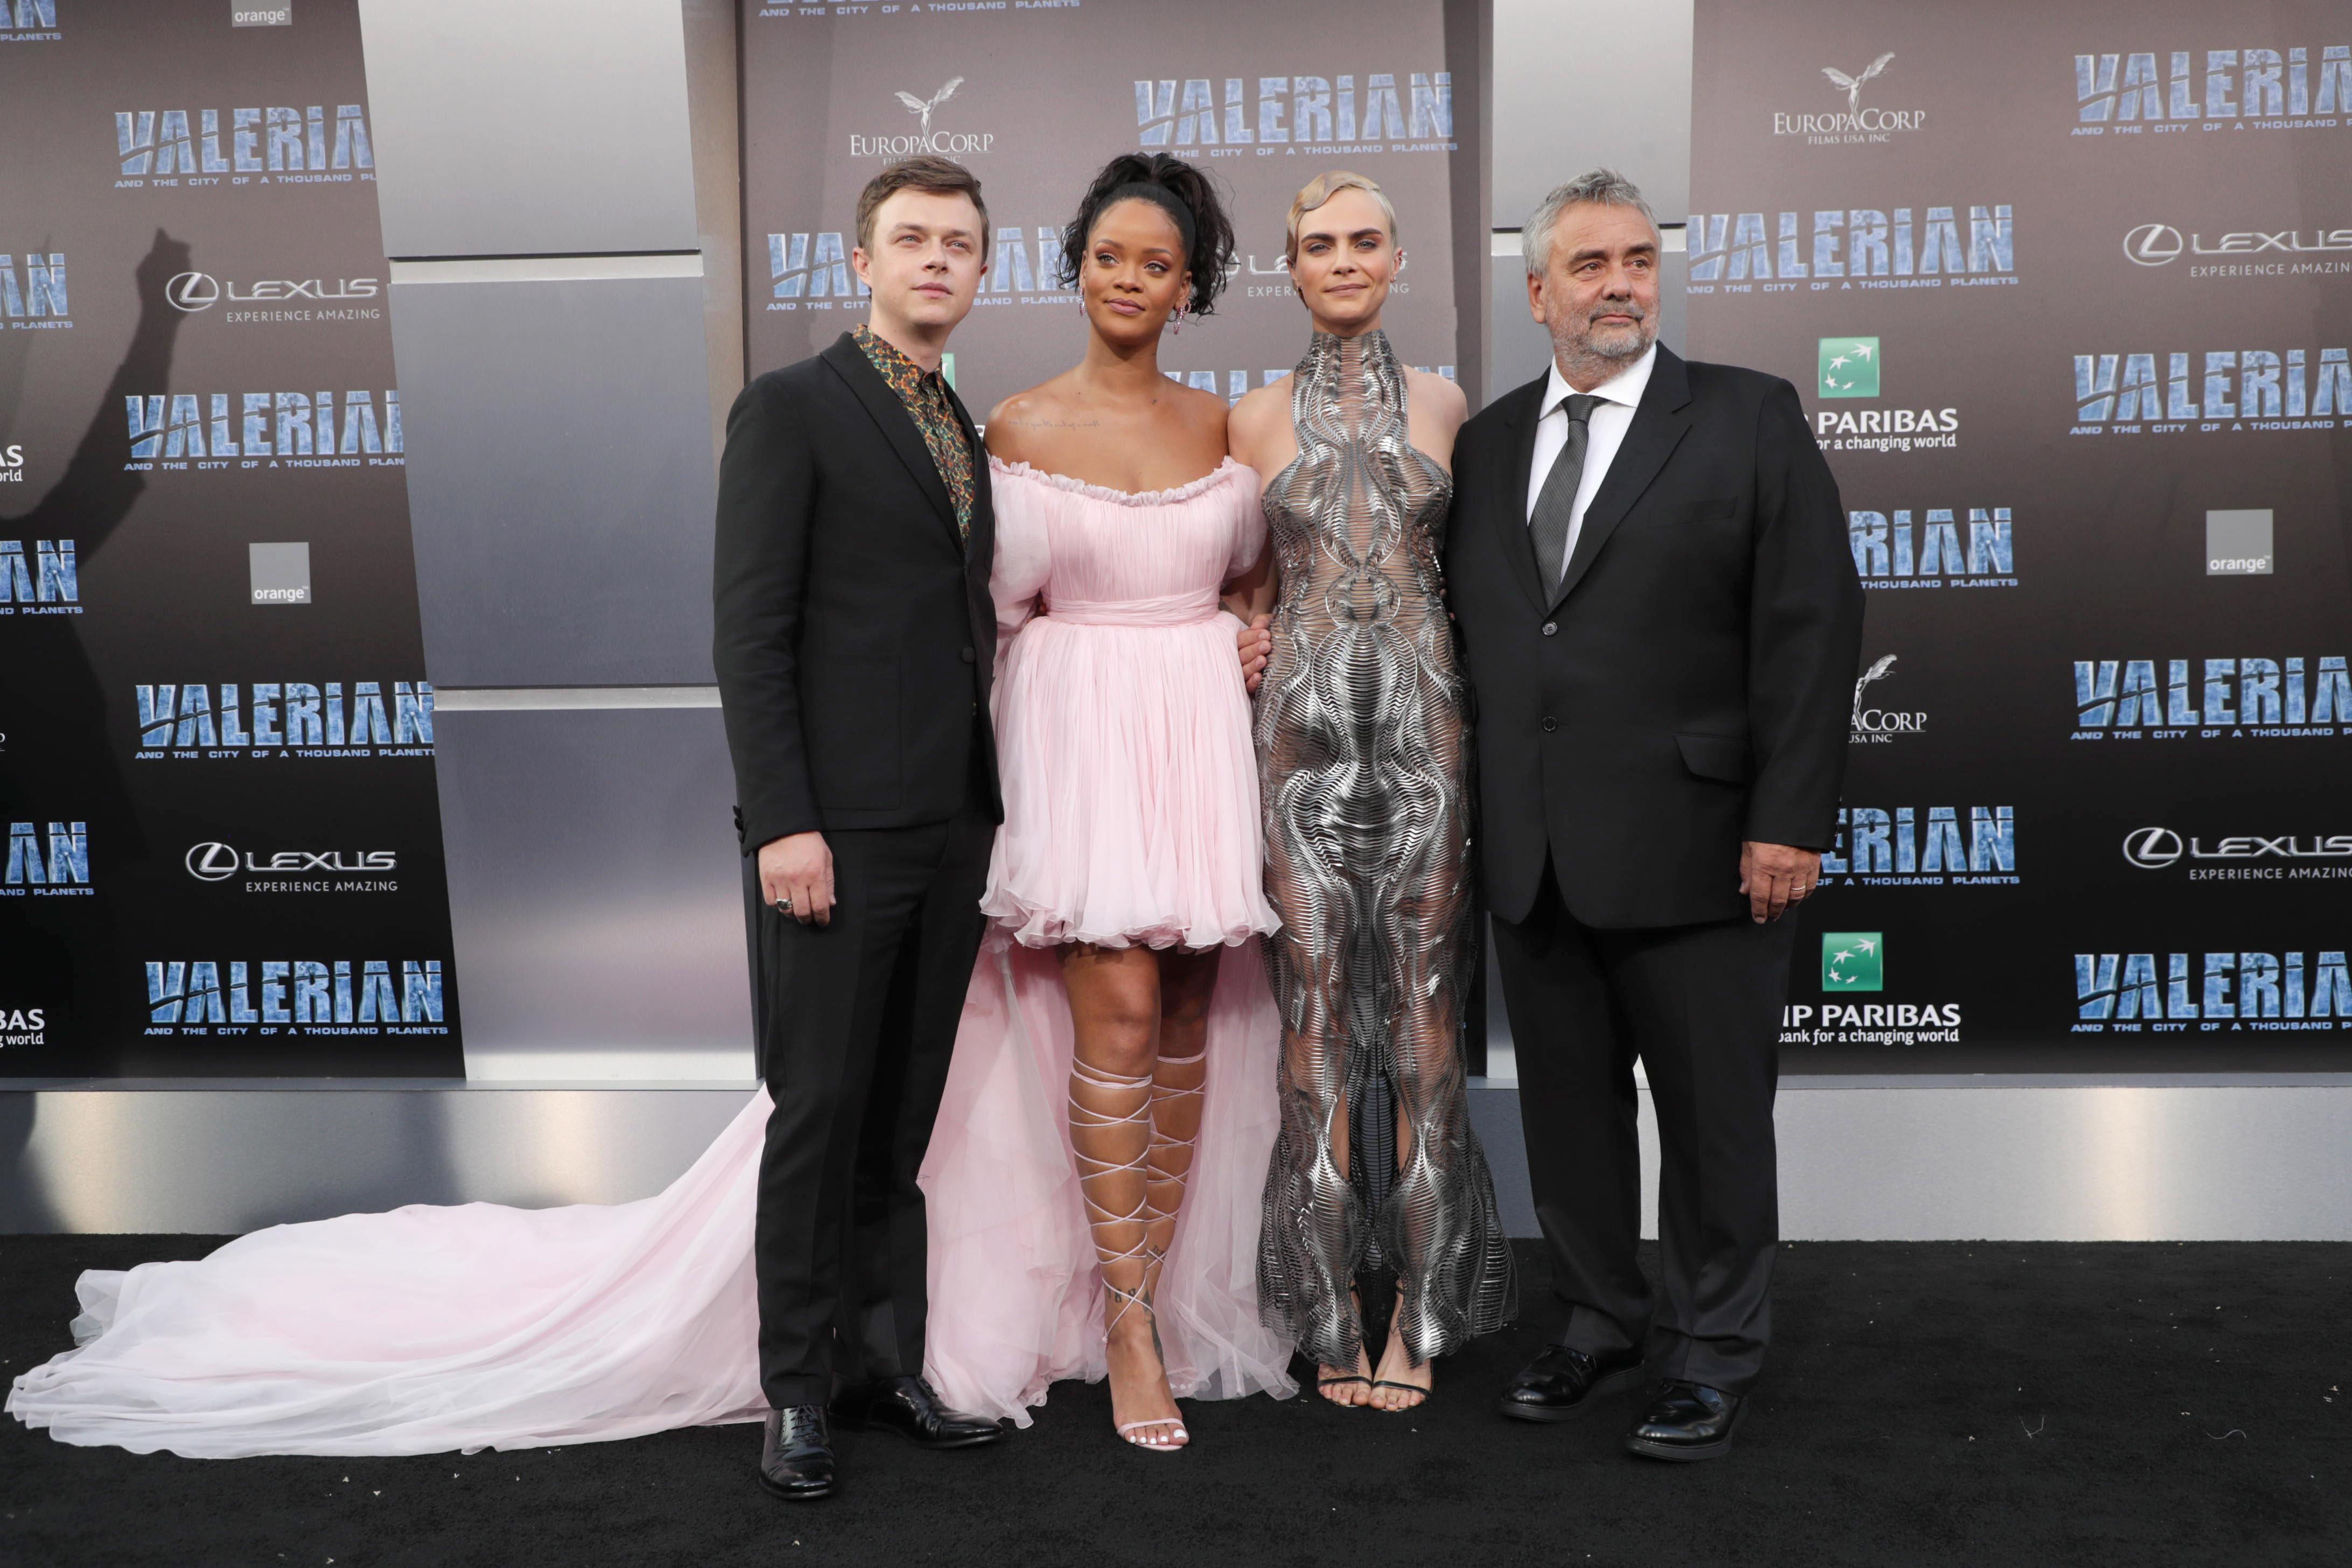 Dane DeHaan, Rihanna, Cara Delevingne et Director Luc Besson | VALÉRIAN ET LA CITÉ DES MILLE PLANÈTES<br /> Photo: Eric Charbonneau